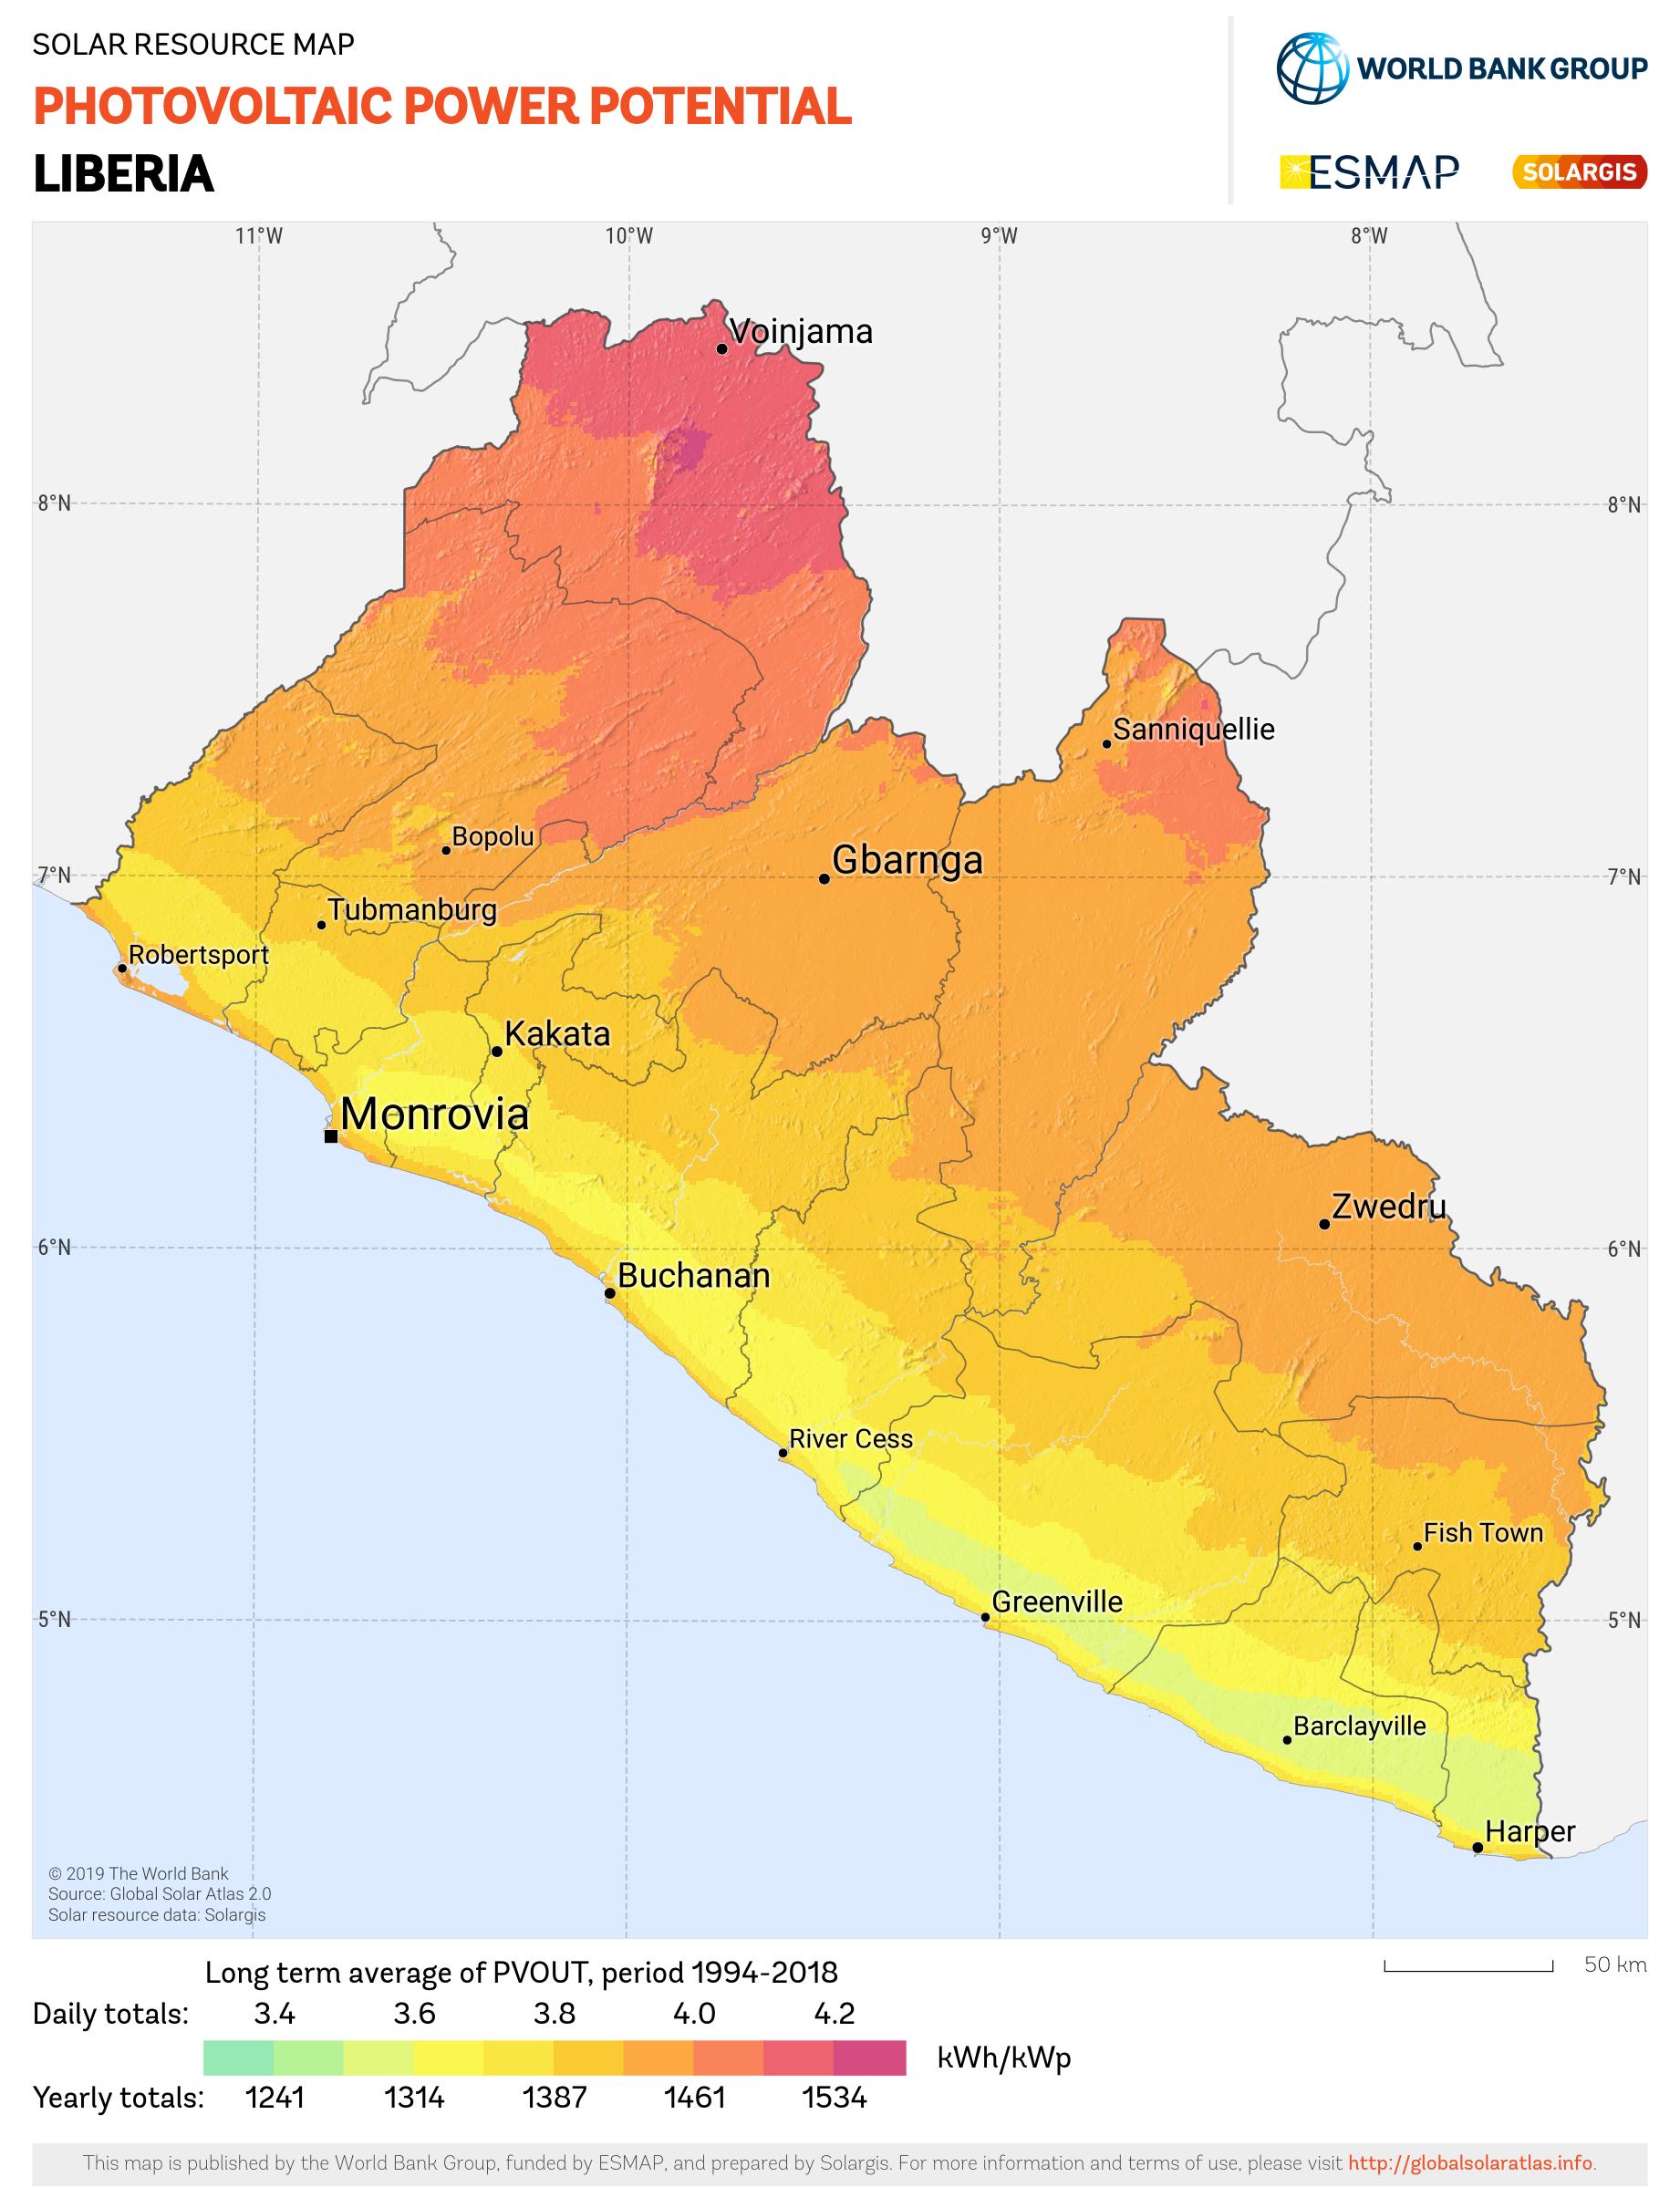 https://helios-solutions.net/wp-content/uploads/2020/10/Guinea_GISdata_LTAym_YearlyMonthlyTotals_GlobalSolarAtlas-v2_GEOTIFF.zip